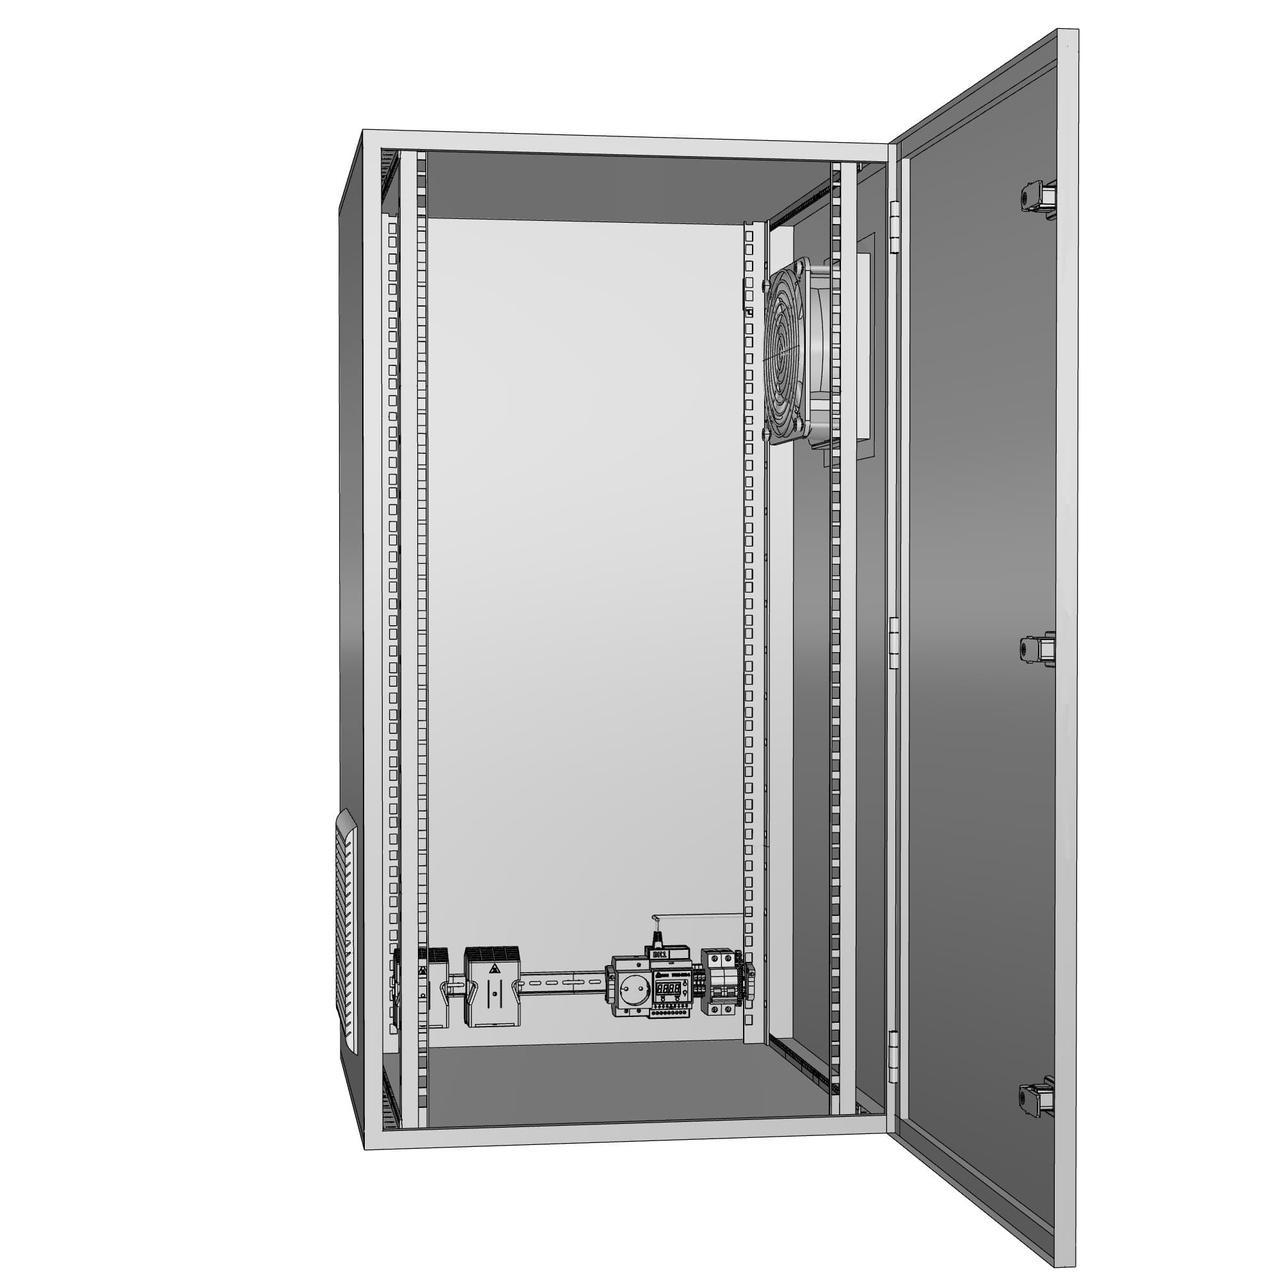 Щит климатический утеплённый ЩКу- 6 - 1000×800×300 (В×Ш×Г) IP65